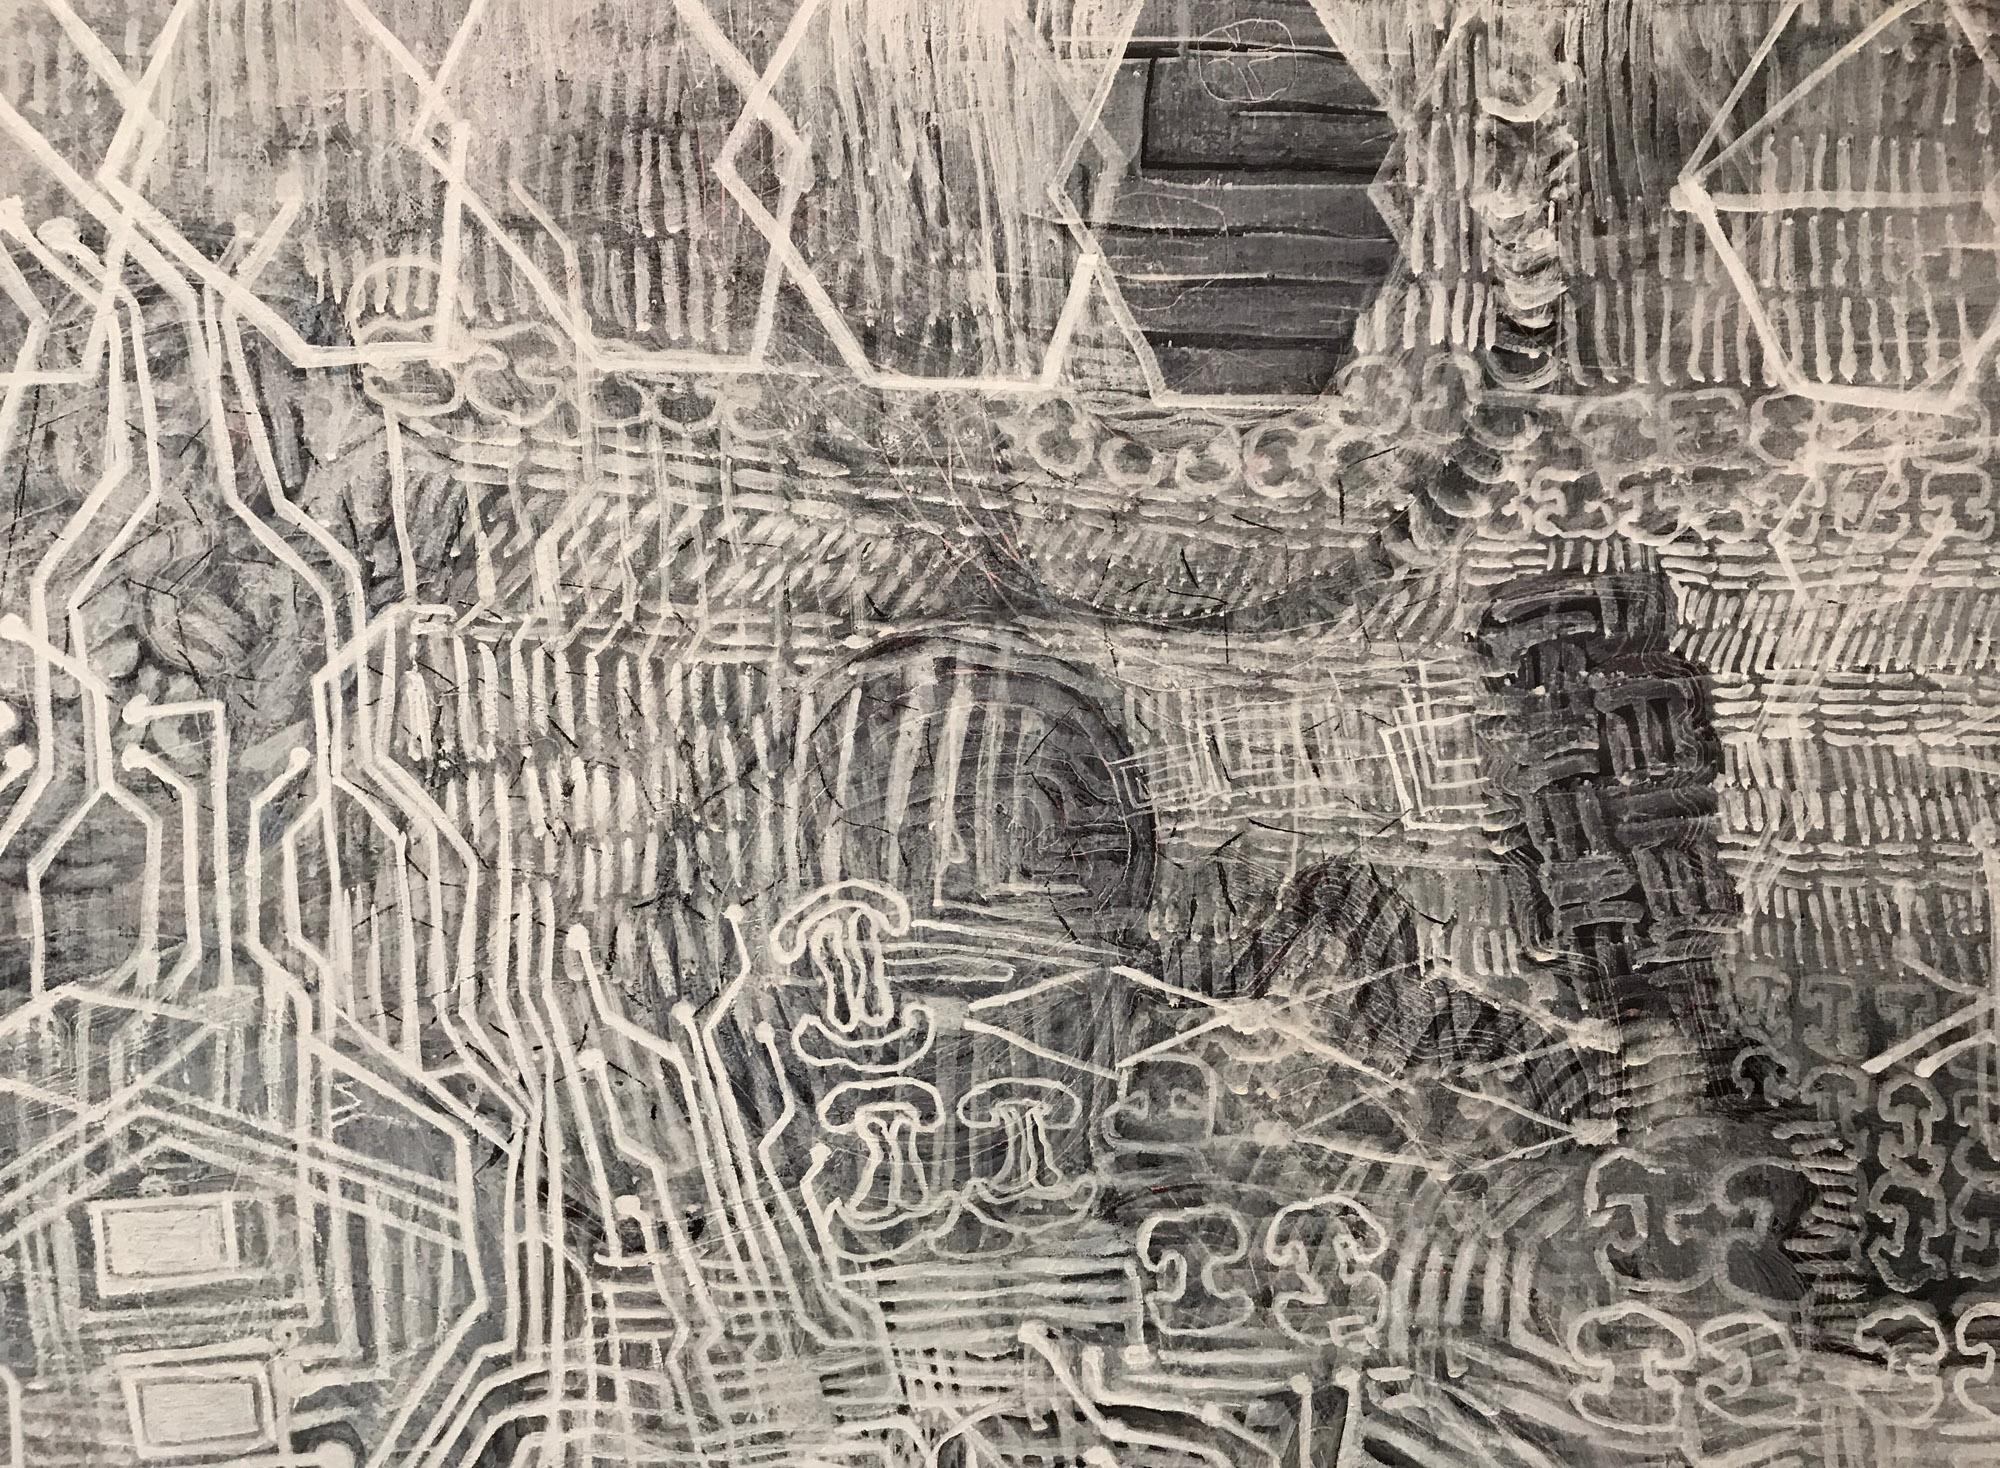 screen dump 1 (detail) 2014 - 2017 | Egg tempera on linen | 165 x 219.5 cm